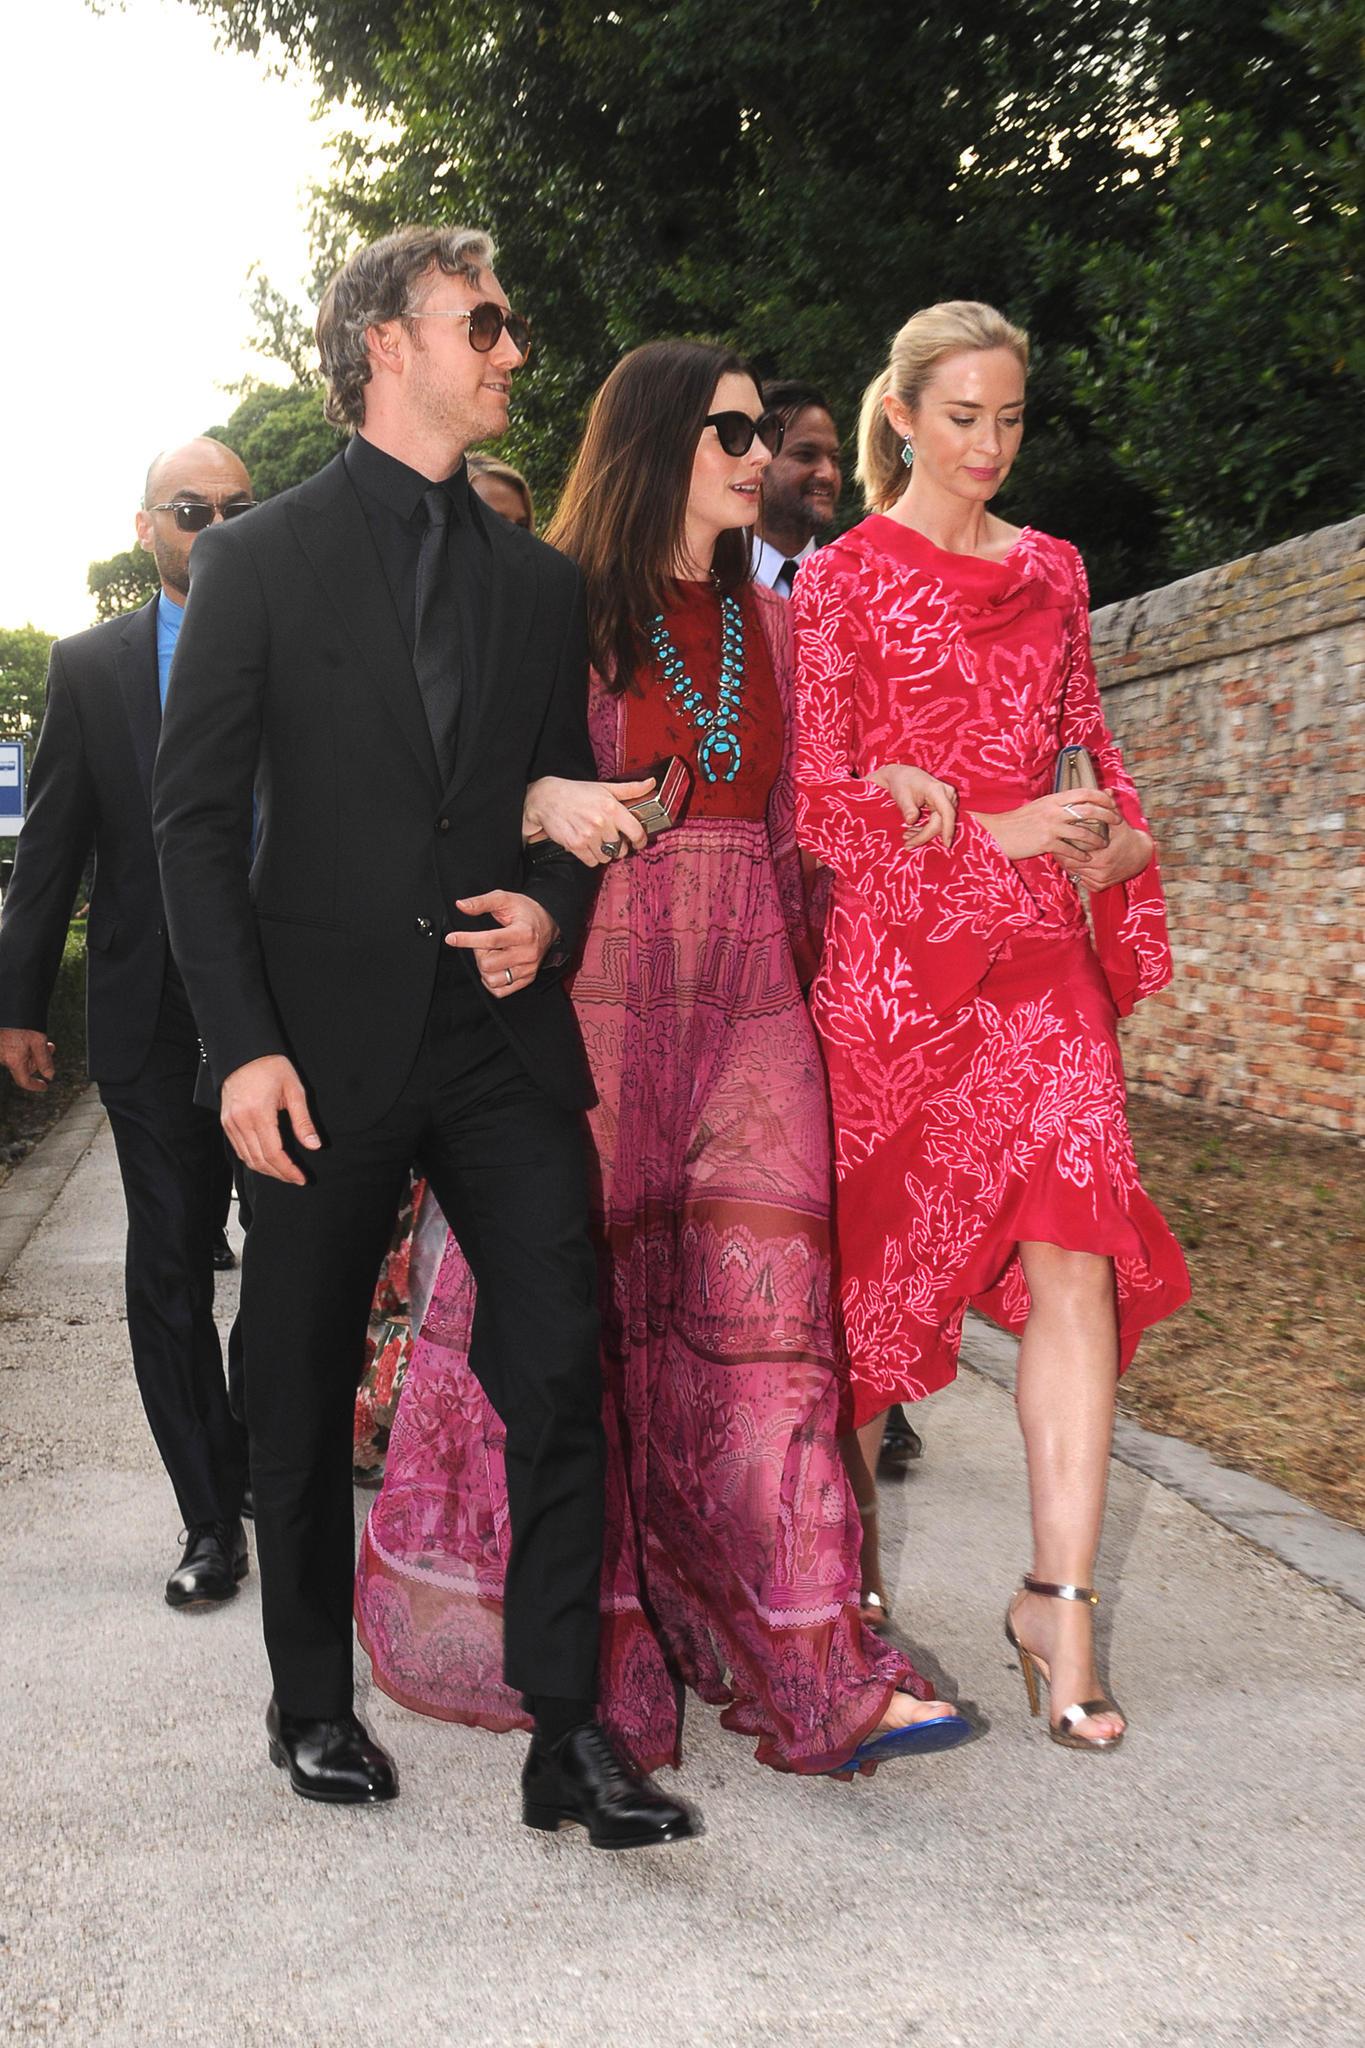 Unter den Gästen von Jessica und Gian Luca befinden sich auch Anne Hathaway mit Ehemann Adam Shulman und Emily Blunt. Dabei sind es vor allem die zwei Schauspielerinnen, die in ihren farbenfrohen Wedding-Looks alle Blicke auf sich ziehen.